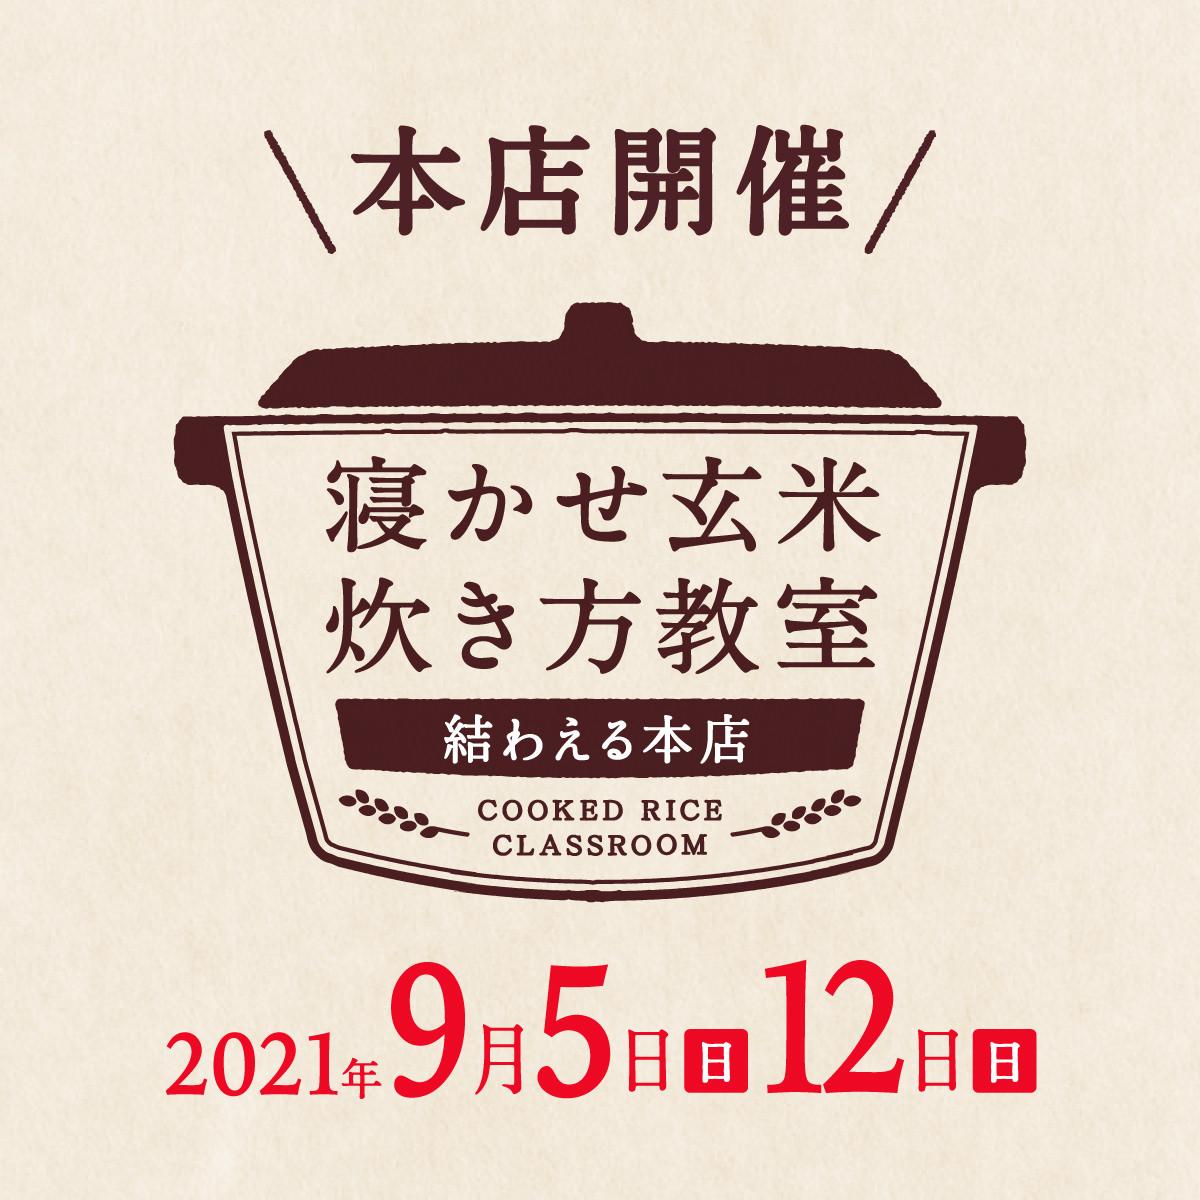 2021年9月度の『寝かせ玄米炊き方教室』